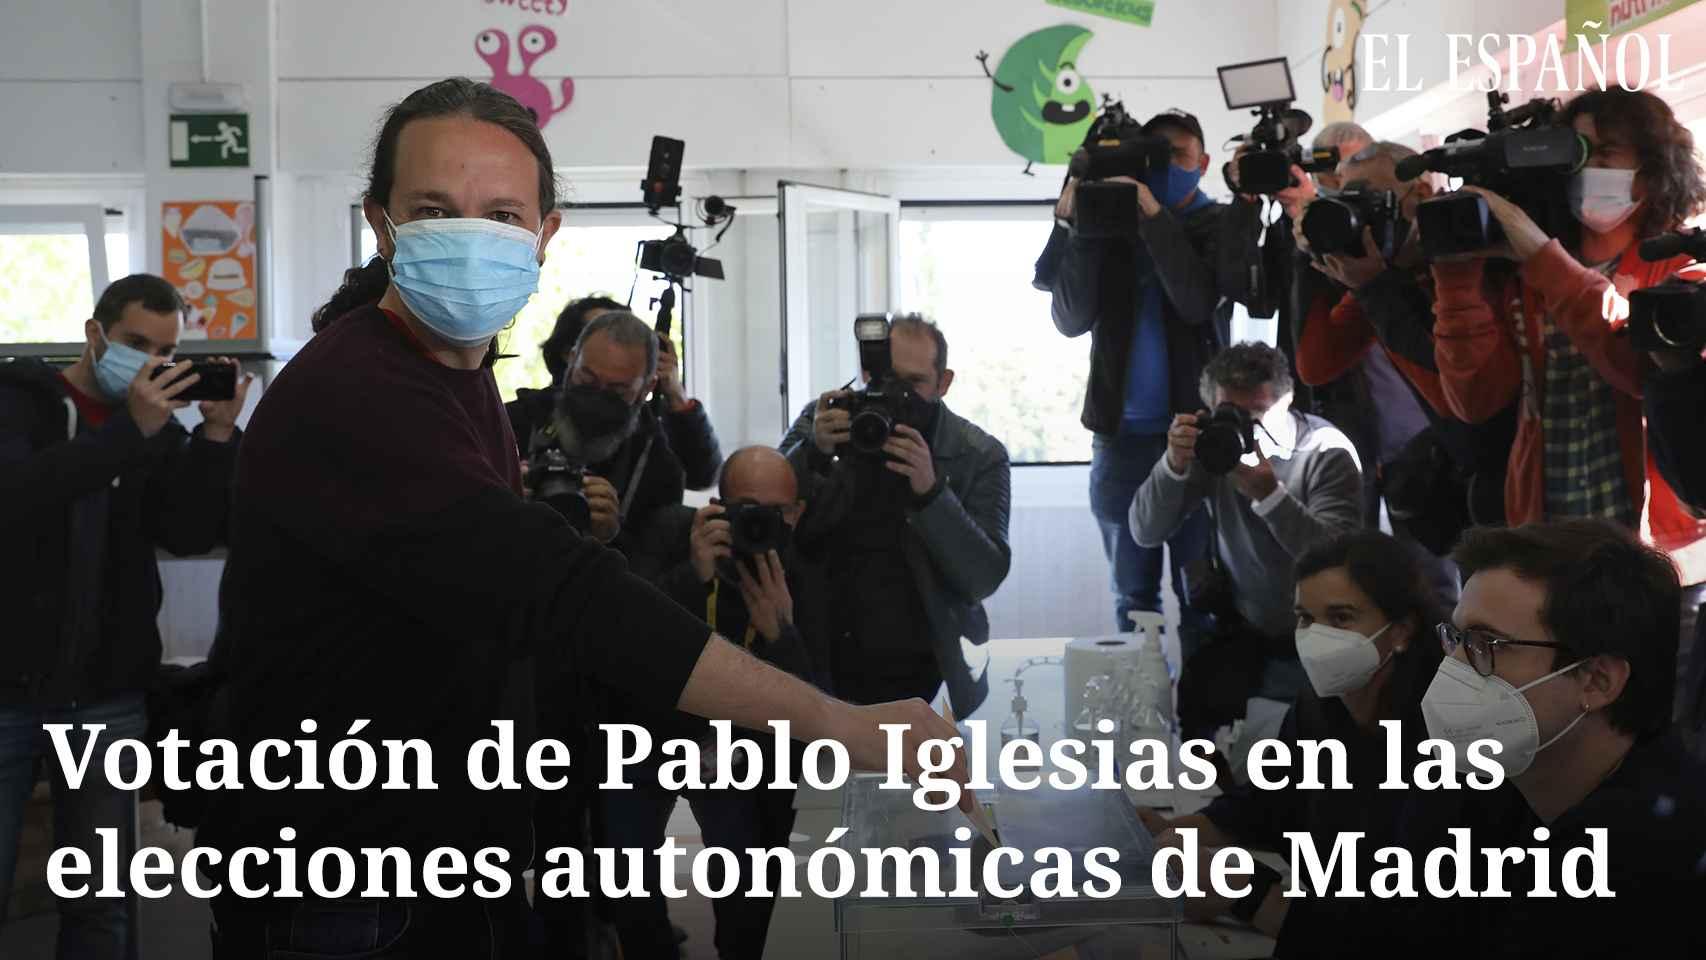 Pablo Iglesias tras votar el 4M confía en la victoria de la izquierda